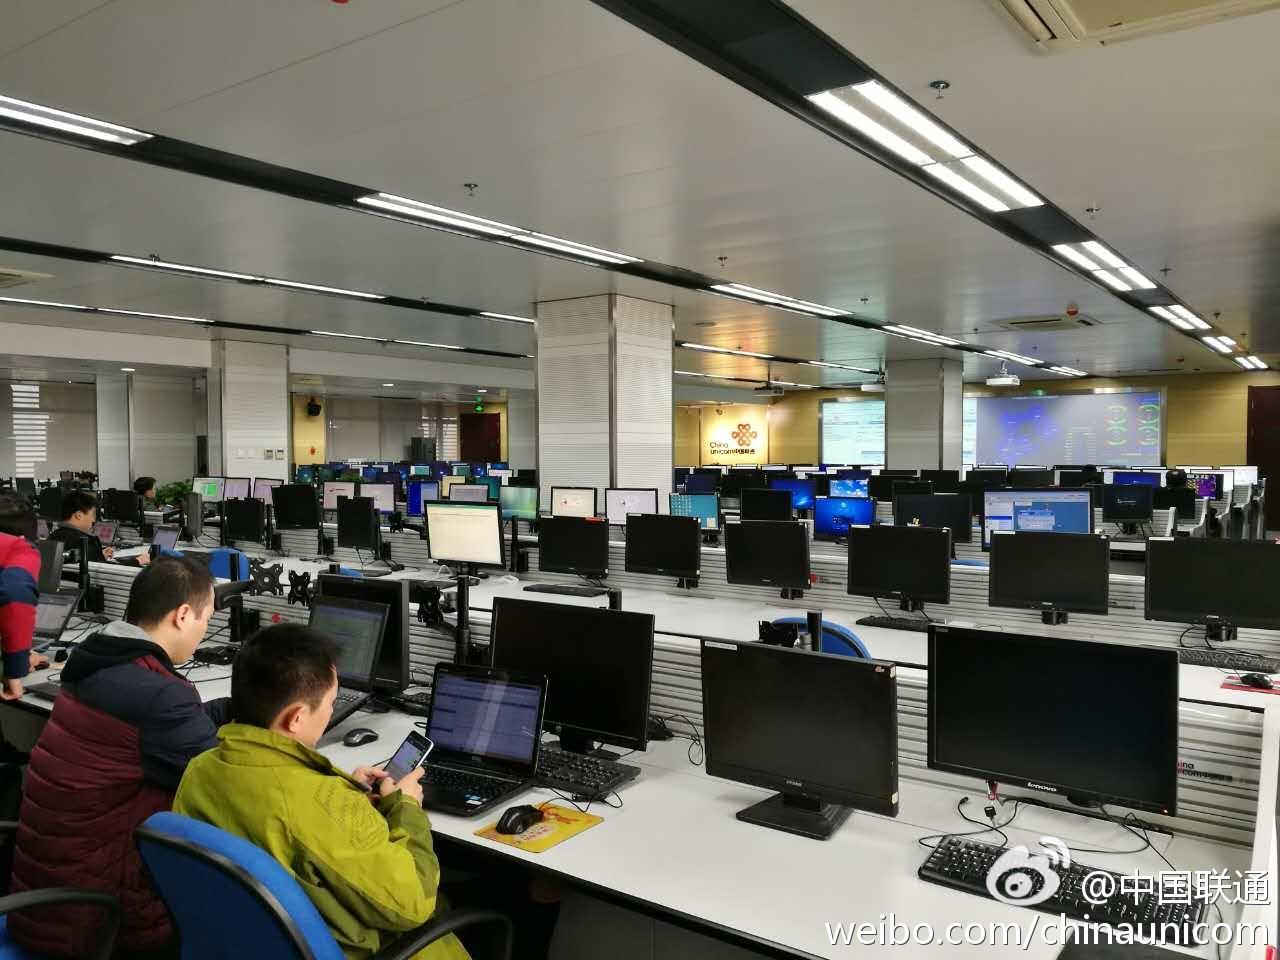 河北联通扁平化集中运维 提升网络服务能力